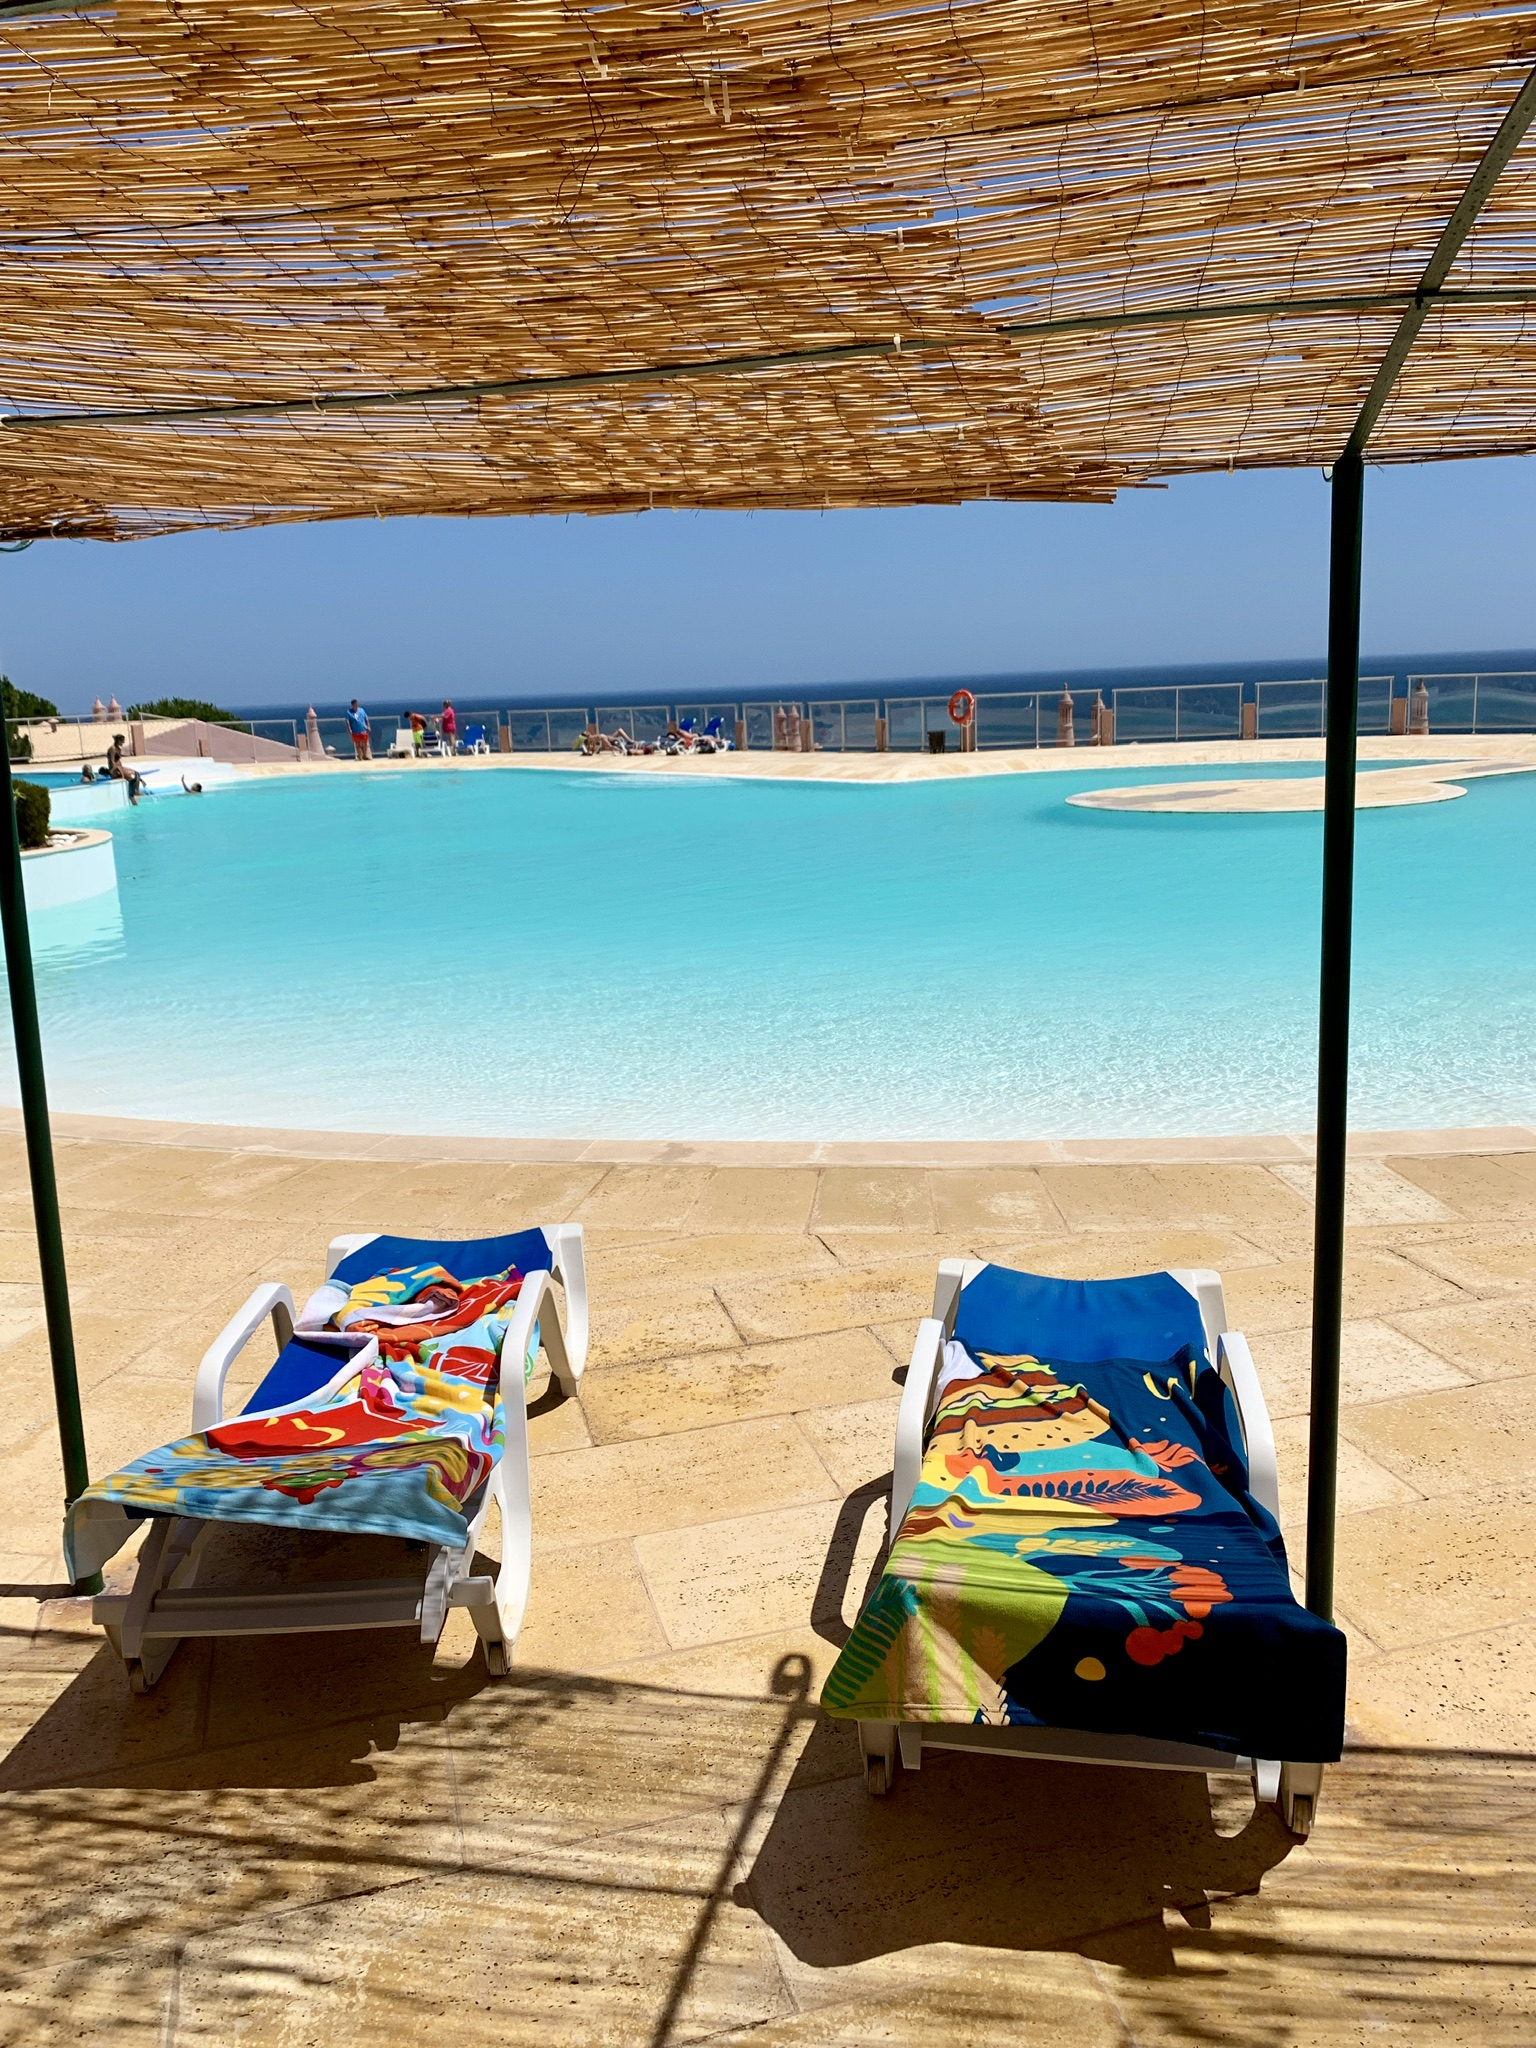 Location appartements et villas de vacance, Maison de vacances praia da Luz face à la mer à Lagos, Portugal Algarve, REF_IMG_2627_17920